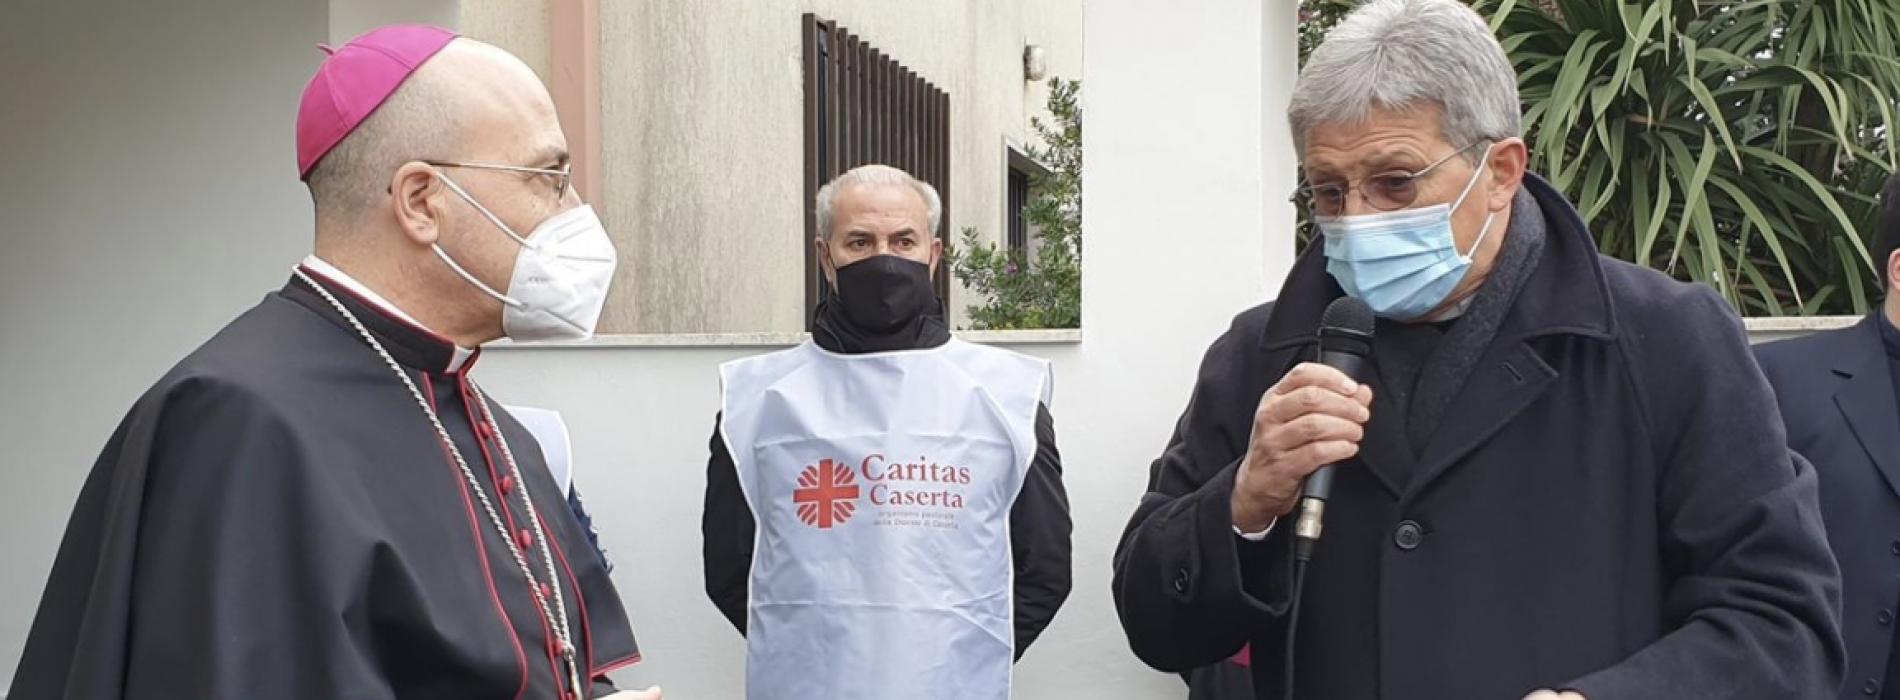 Dialoghi sulla sostenibilità. Caritas Unicef e Vanvitelli insieme